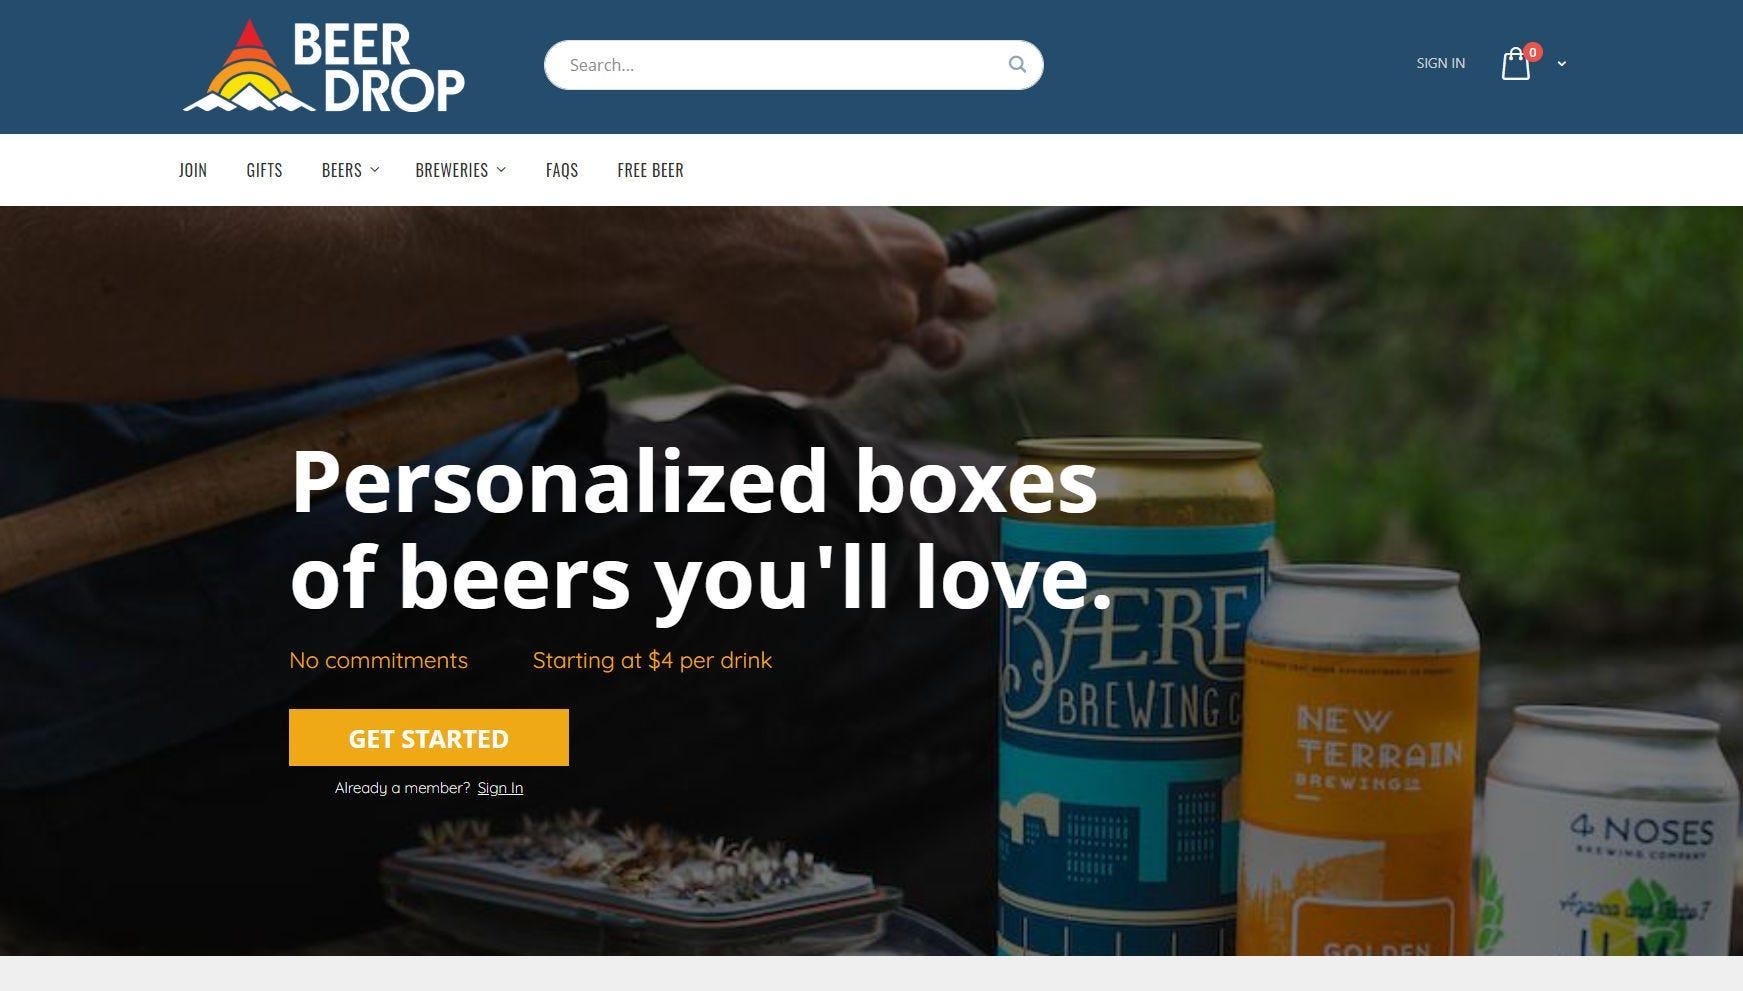 The Beer Drop website.